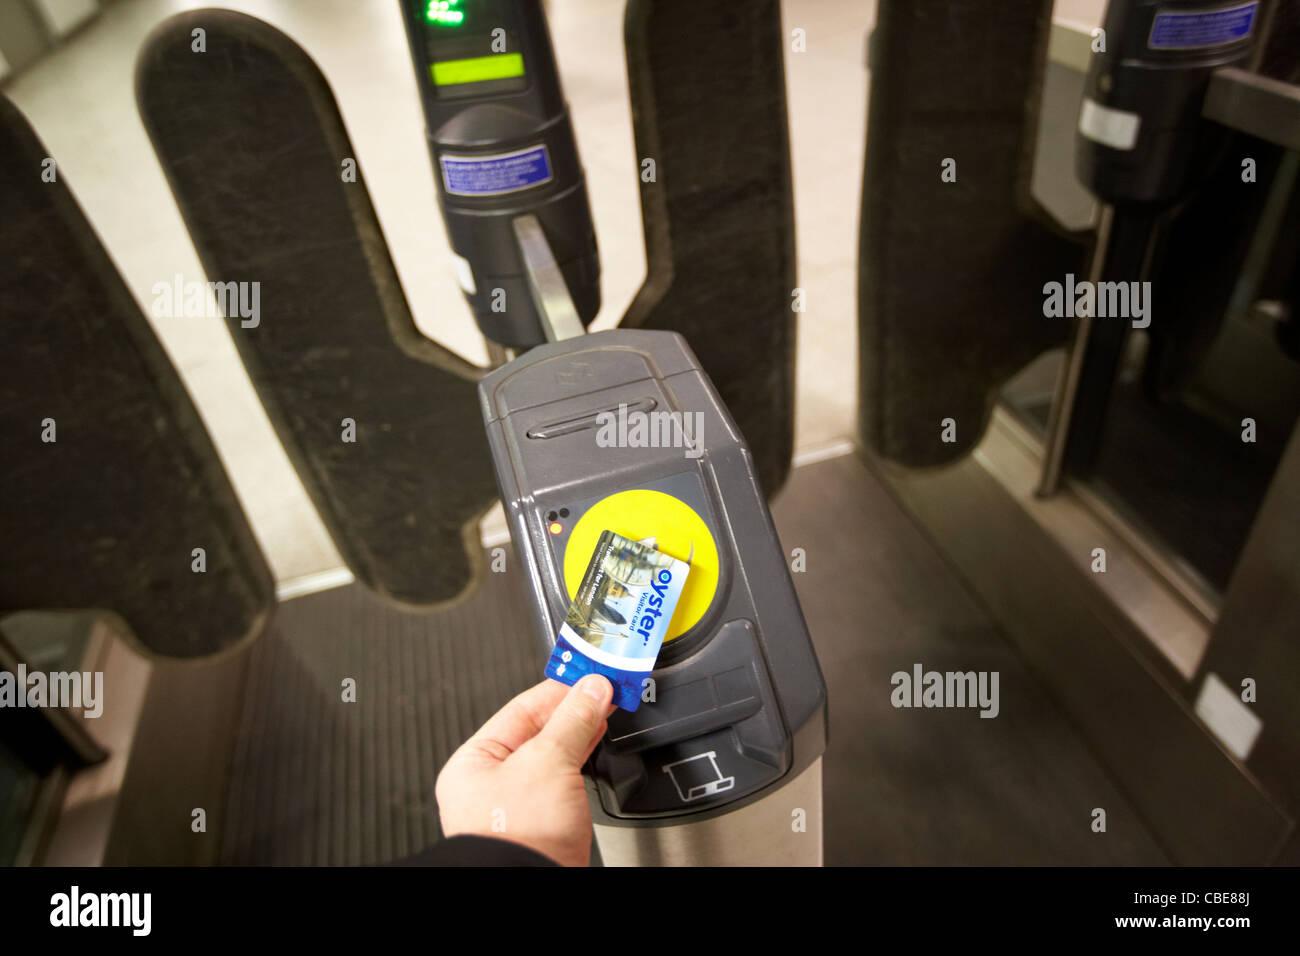 man using london tfl underground smart pass card oyster visitor card London England Uk United Kingdom - Stock Image